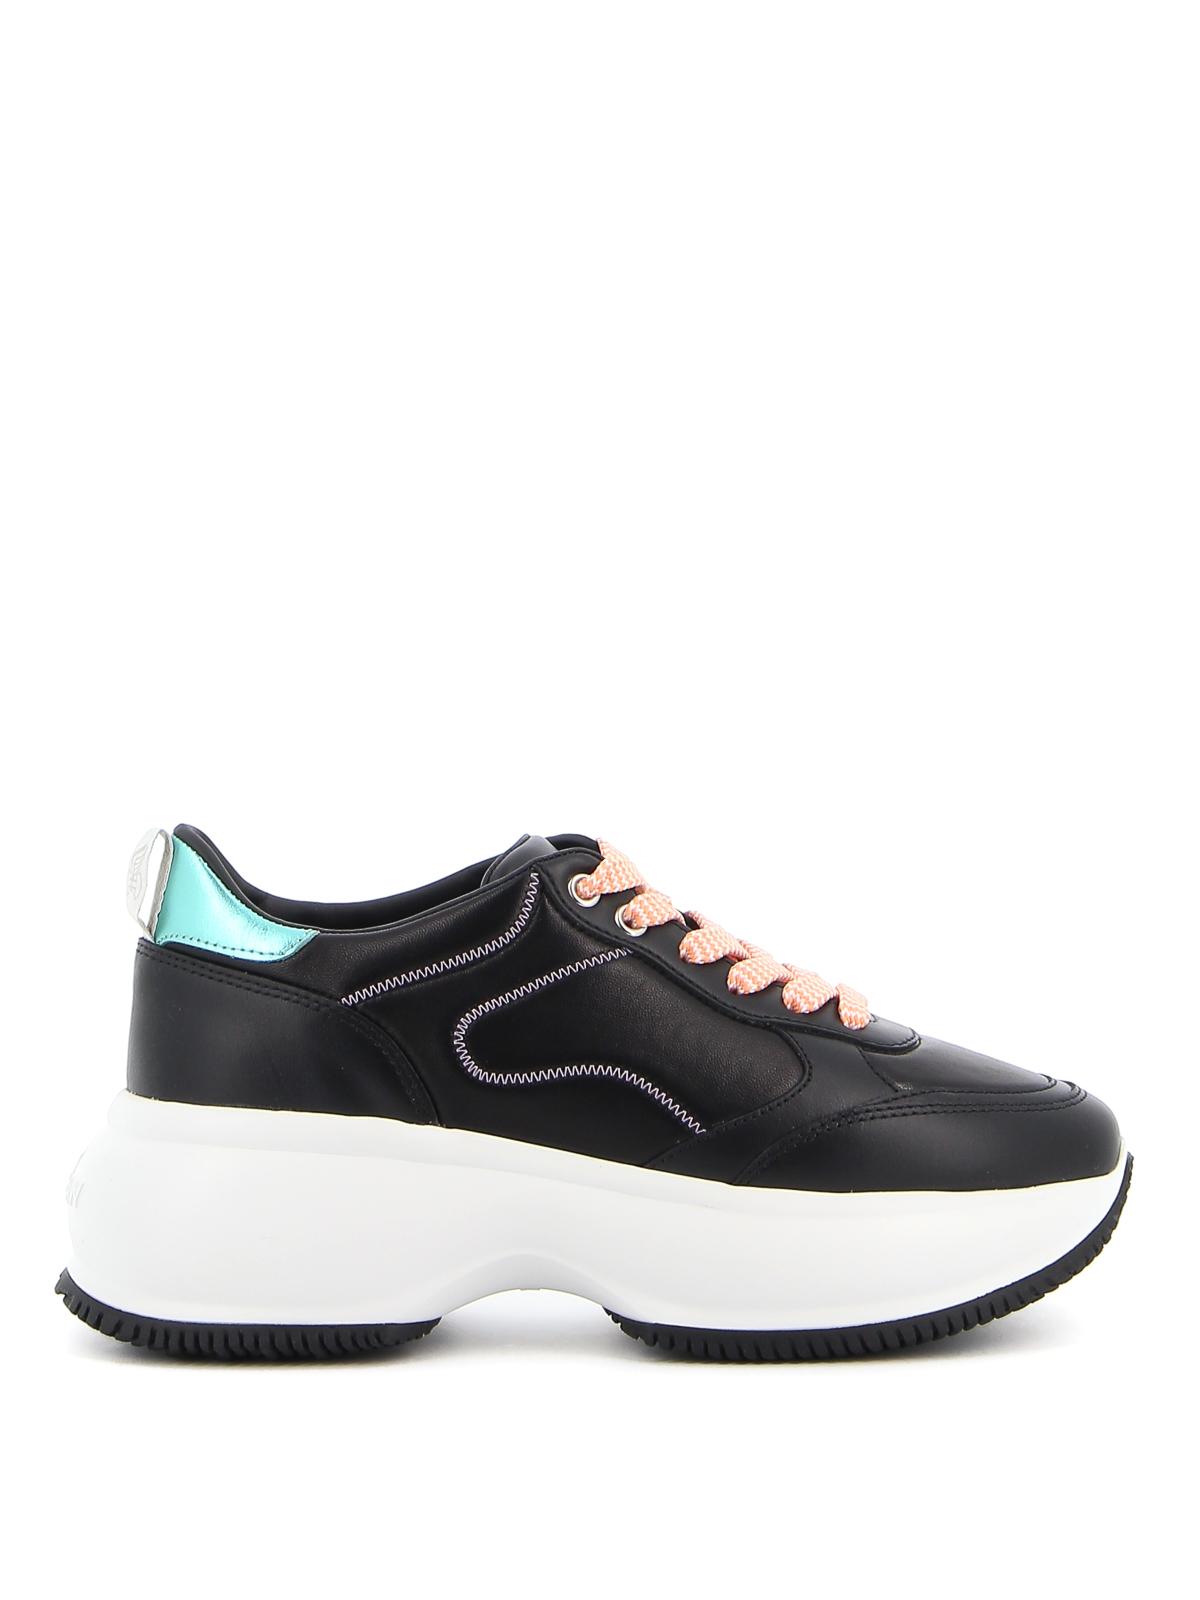 Shop Hogan Maxi I Active Sneakers In Black